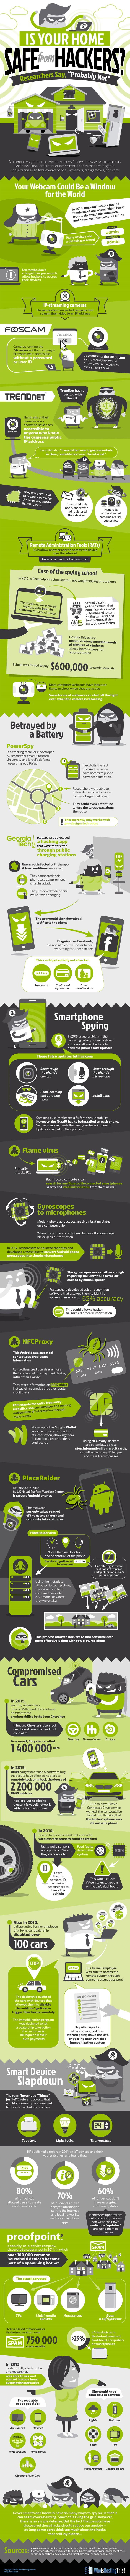 hogar hackers infografias